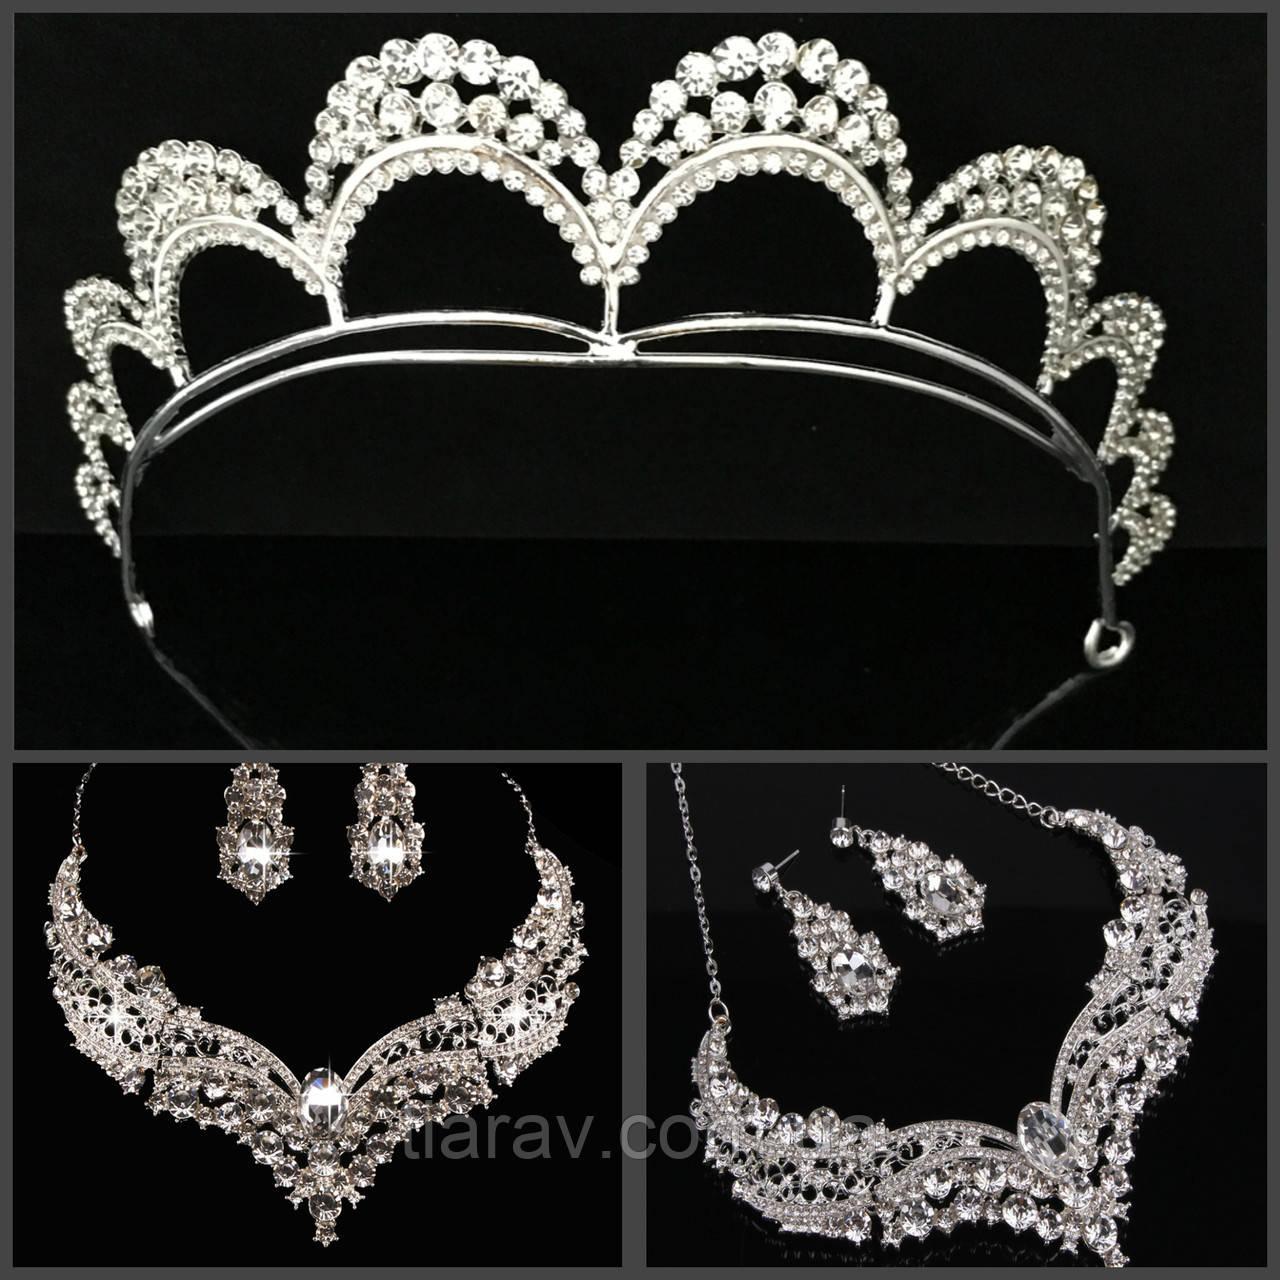 Корона диадема свадебная и набор бижутерии колье и серьги СИЦИЛИЯ Тиара Виктория